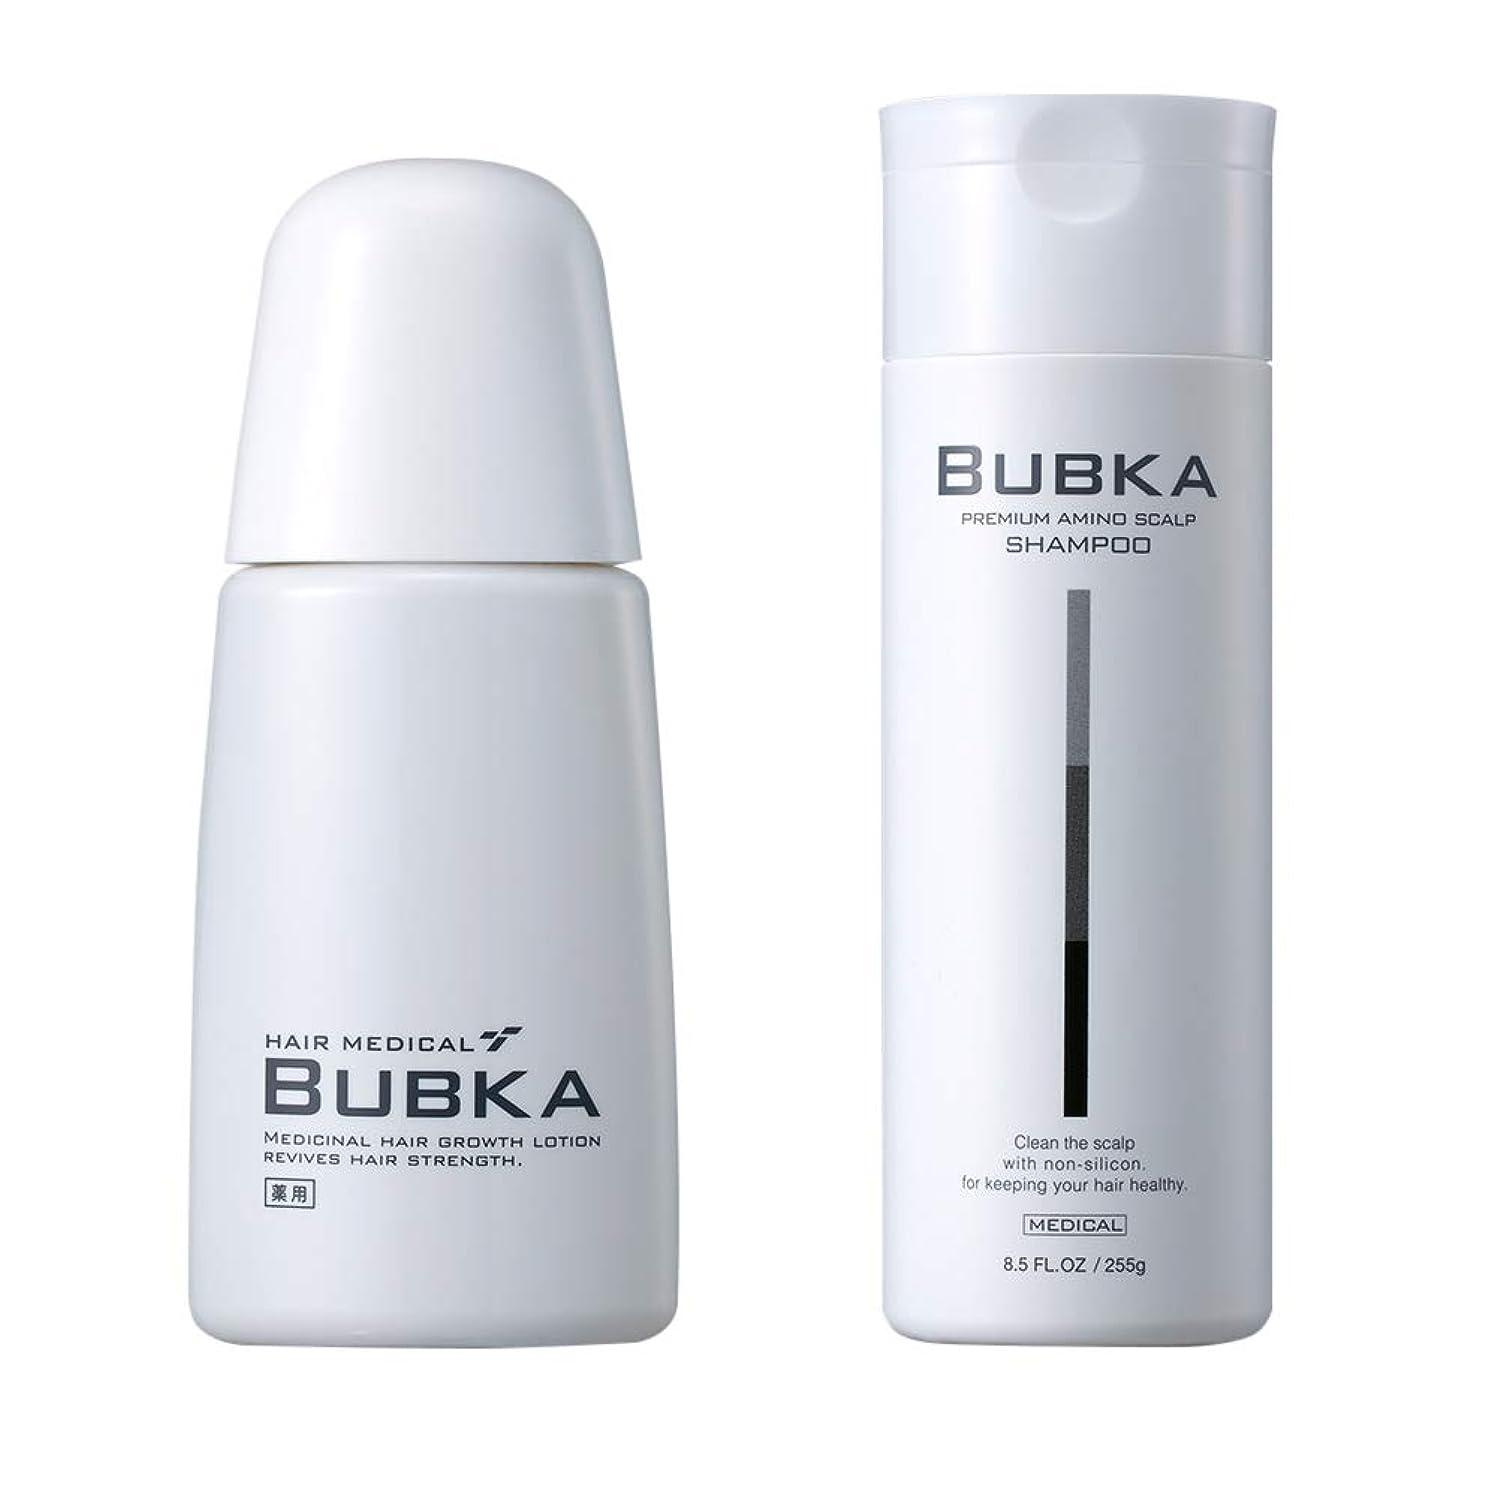 電球眠っている首相【BUBKA ブブカ 】濃密育毛剤 ブブカ-003M+BUBKAスカルプケアシャンプー おすすめセット